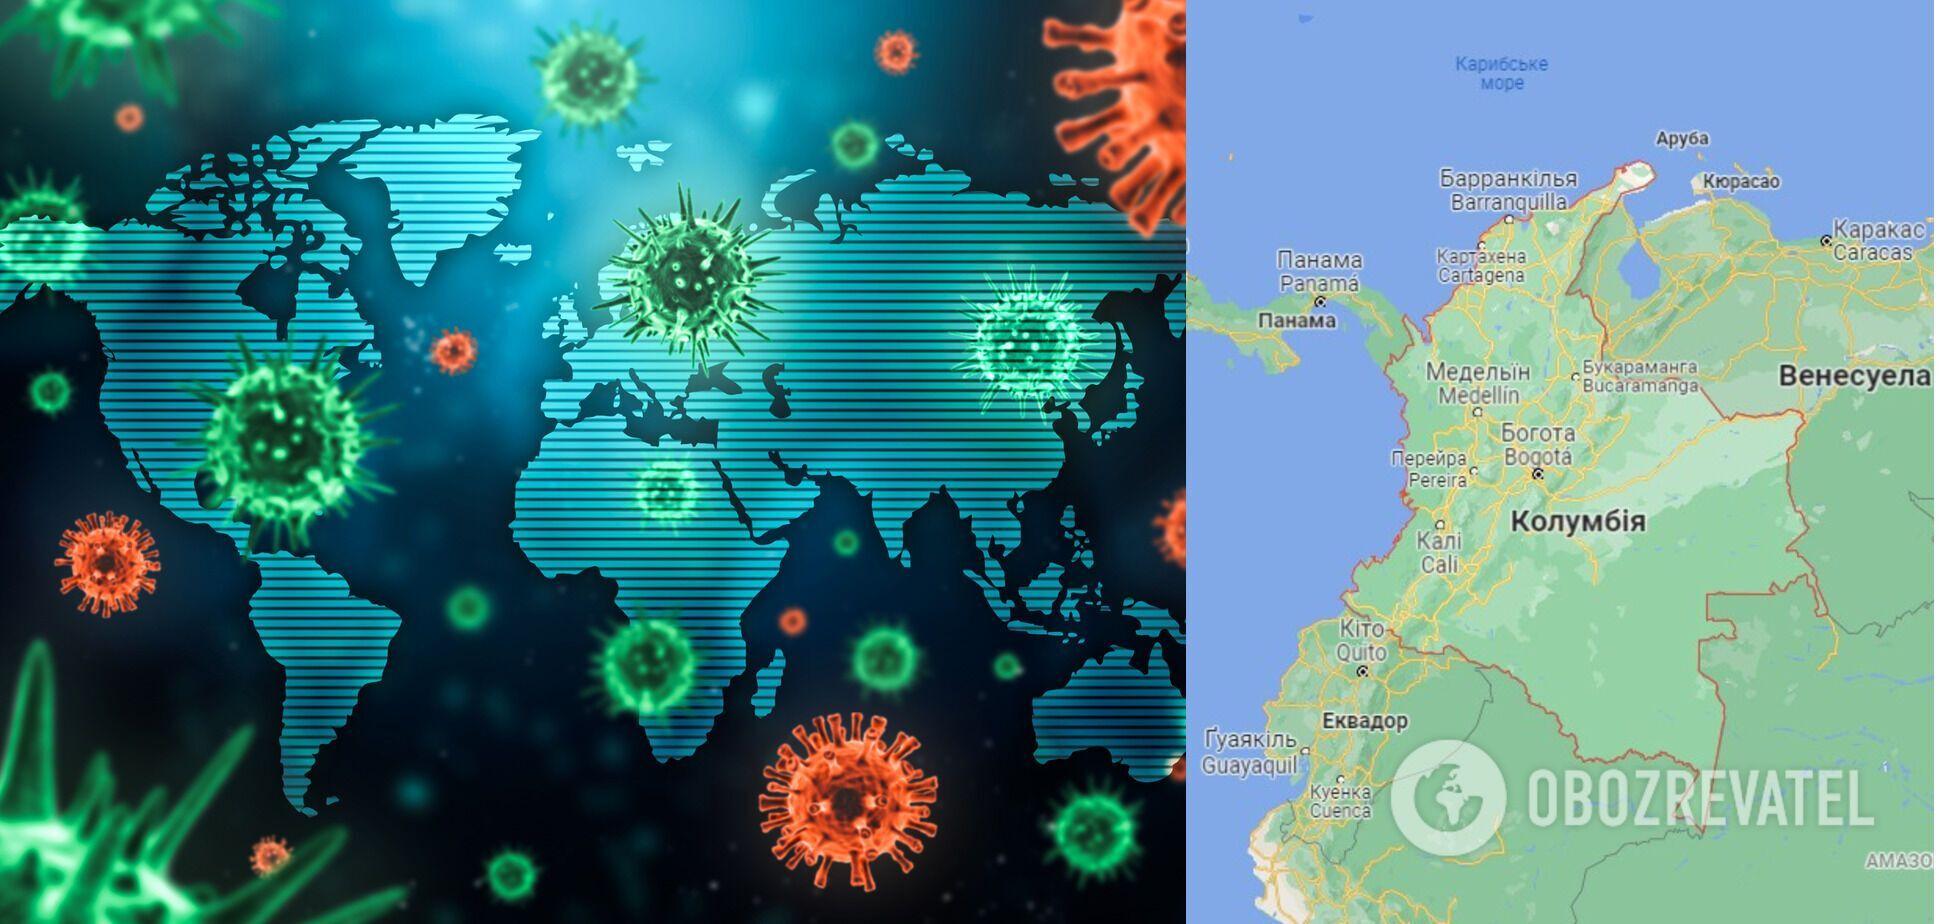 Мутировавший вариант коронавируса Mu обнаружили в январе-2021 в Колумбии